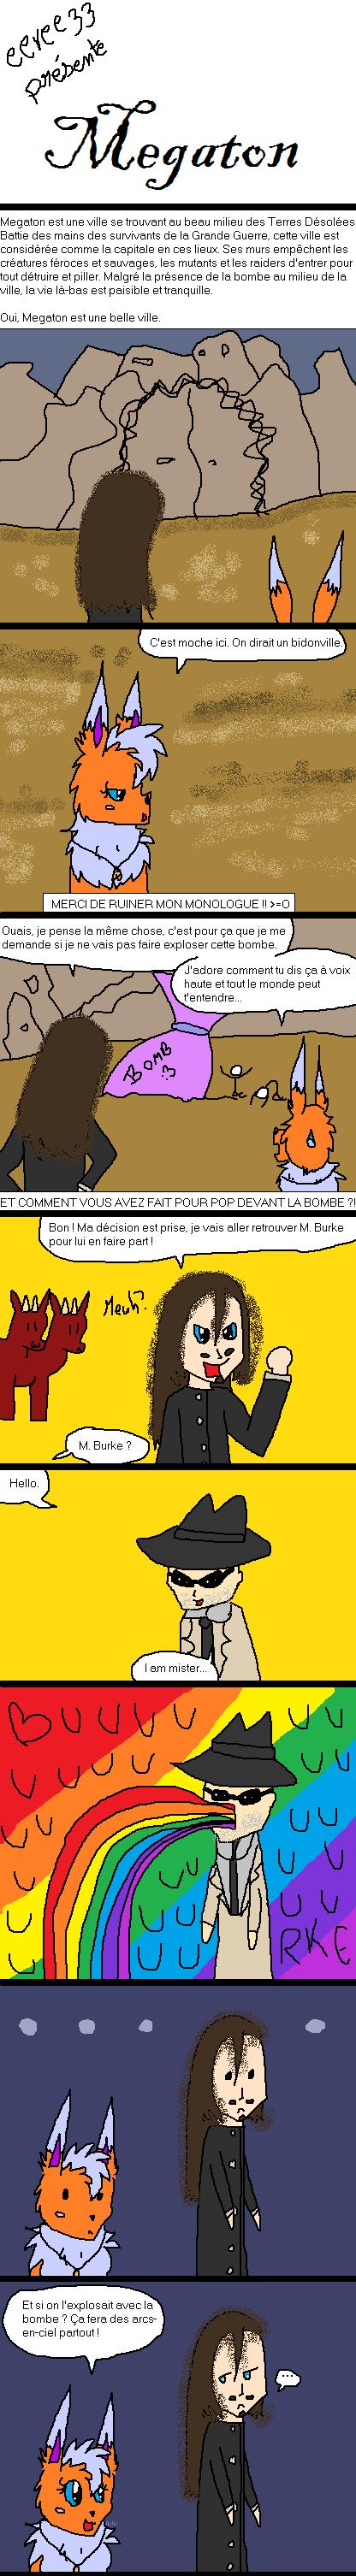 La Galerie de l'Évoli sans cervelle... - Page 2 Megaton_by_eevee33-d6g7lbx